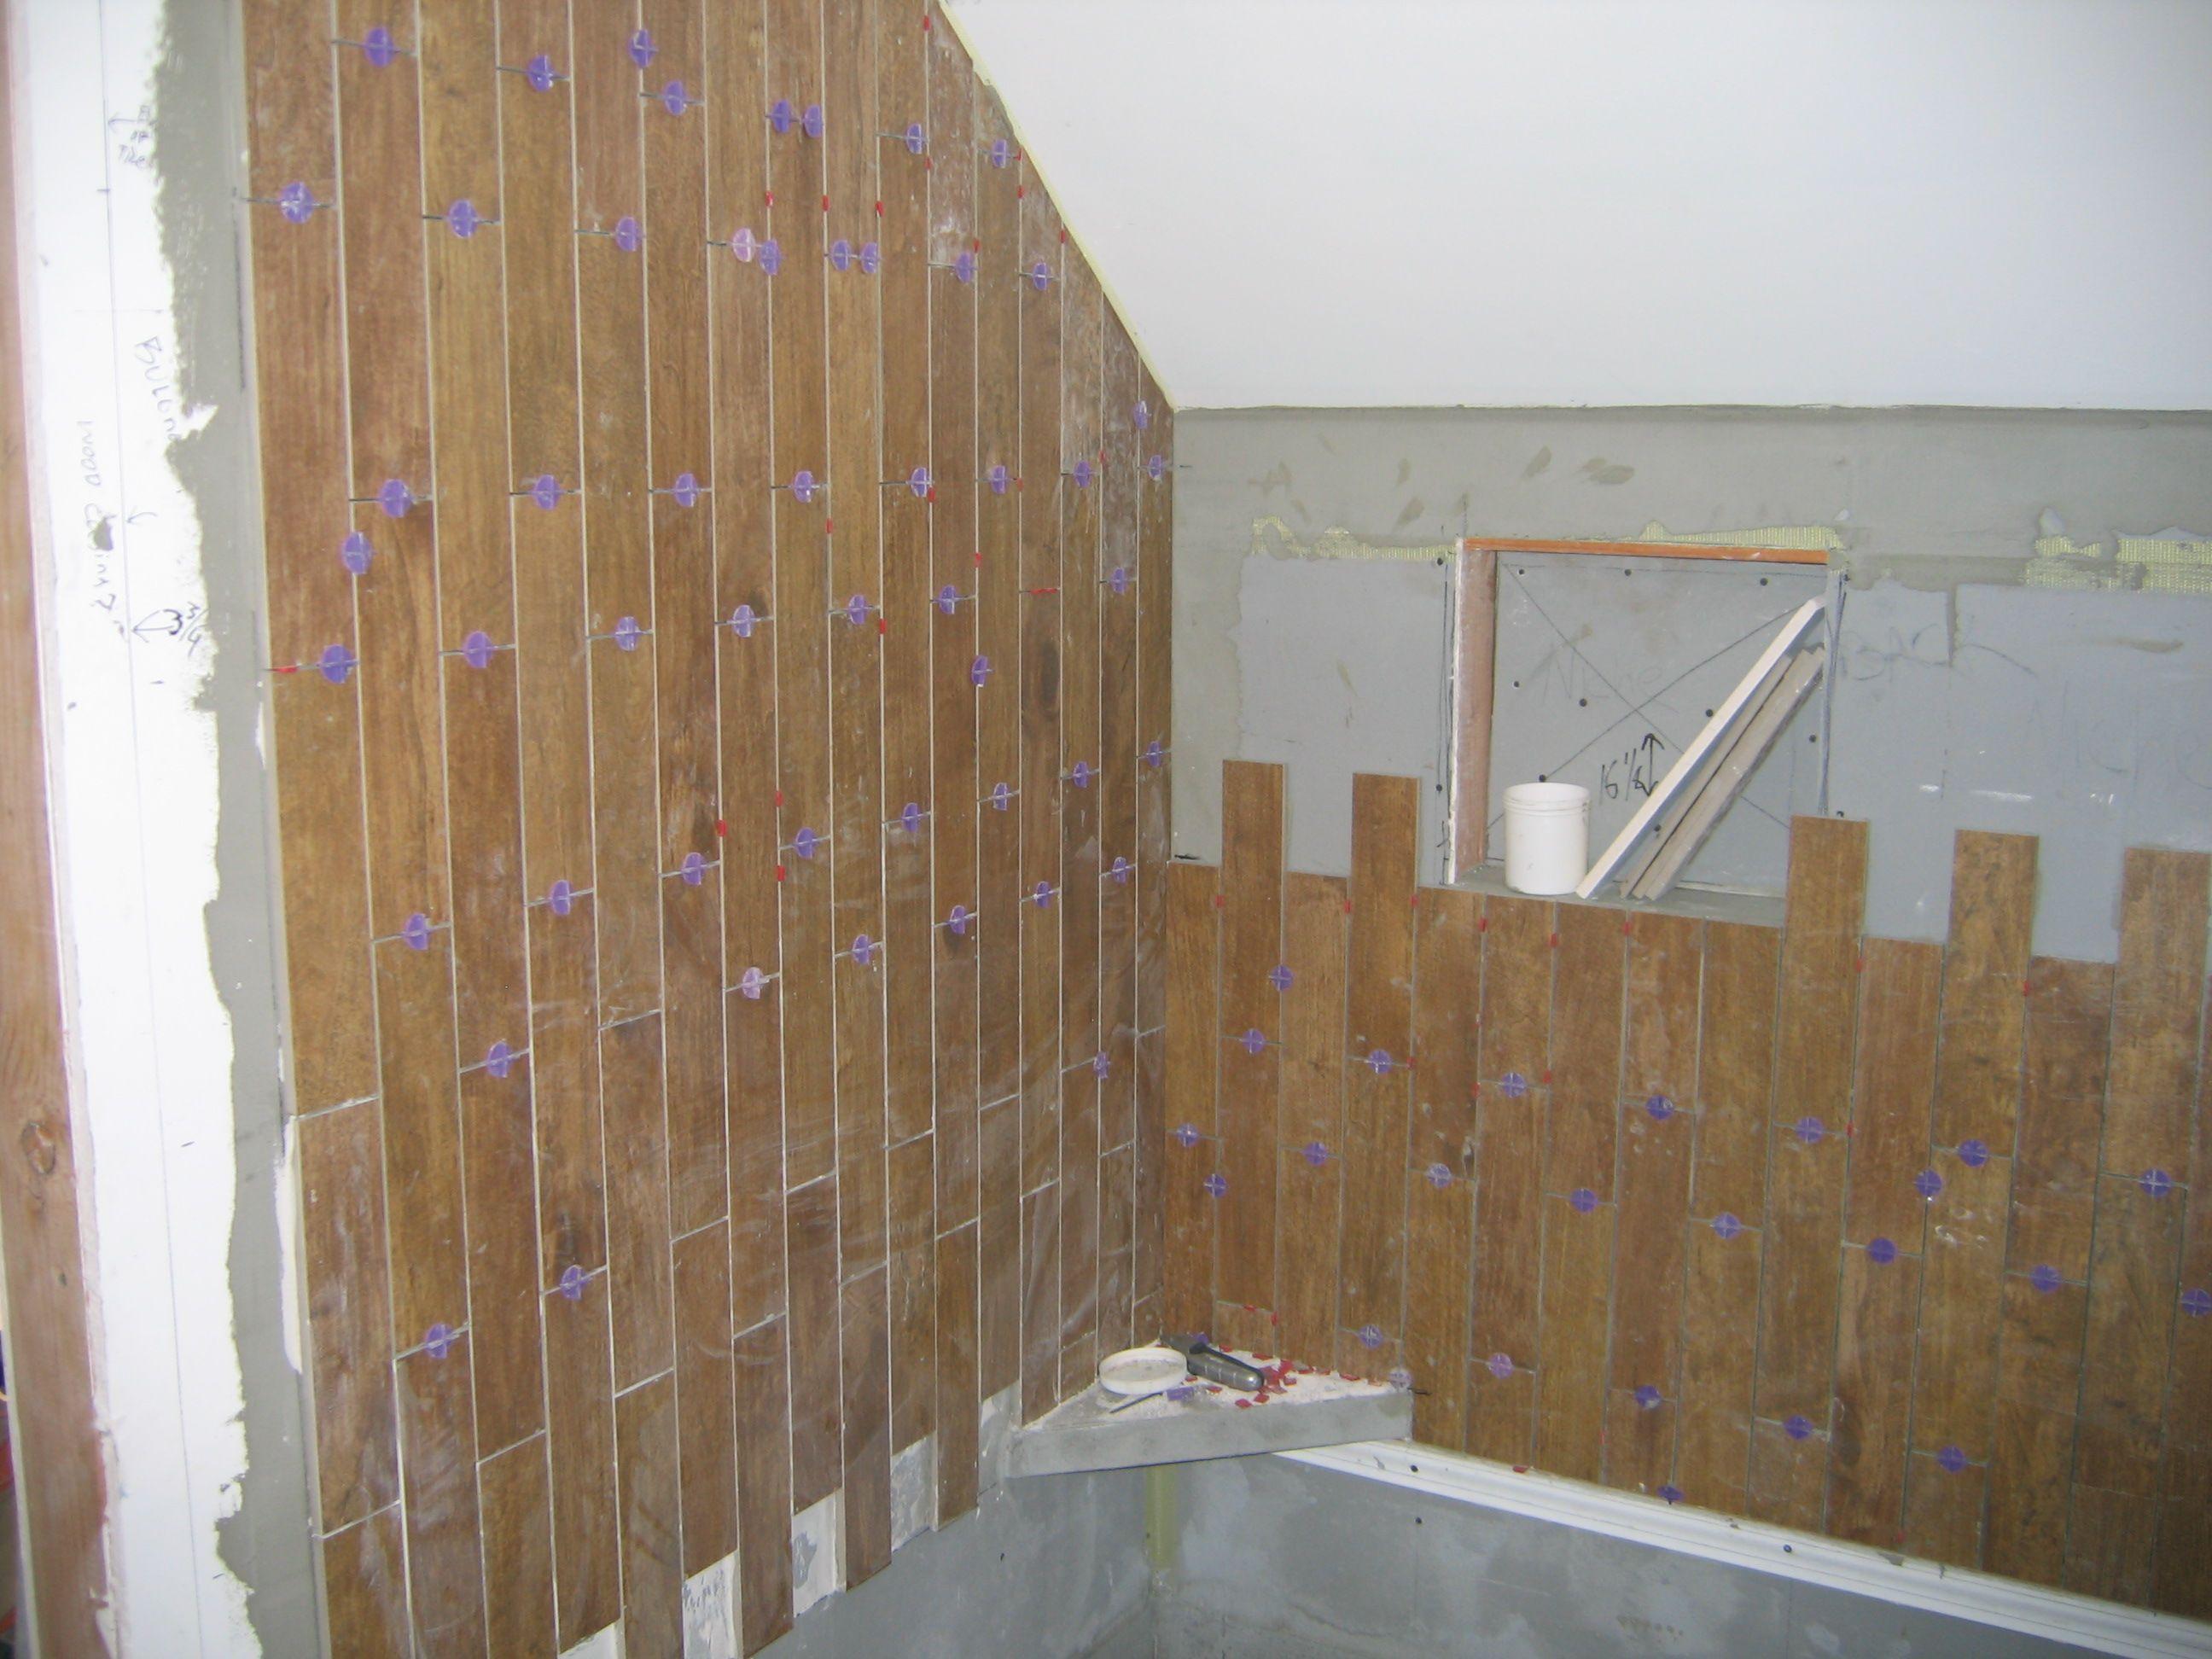 Porcelain Wood Tile Shower Walls With Images Wood Tile Shower